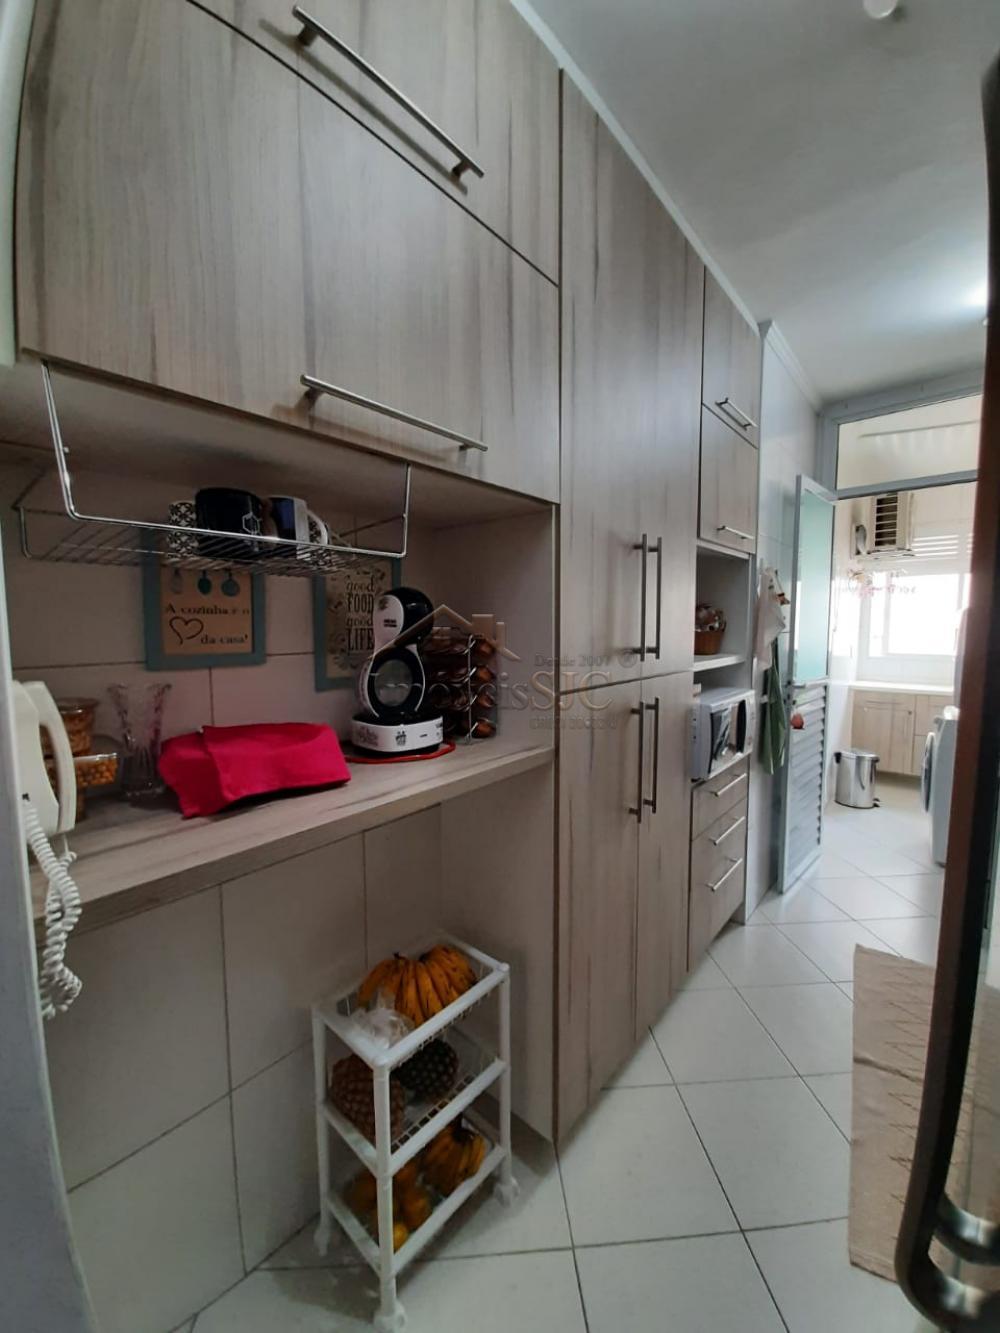 Comprar Apartamentos / Padrão em São José dos Campos apenas R$ 600.000,00 - Foto 16